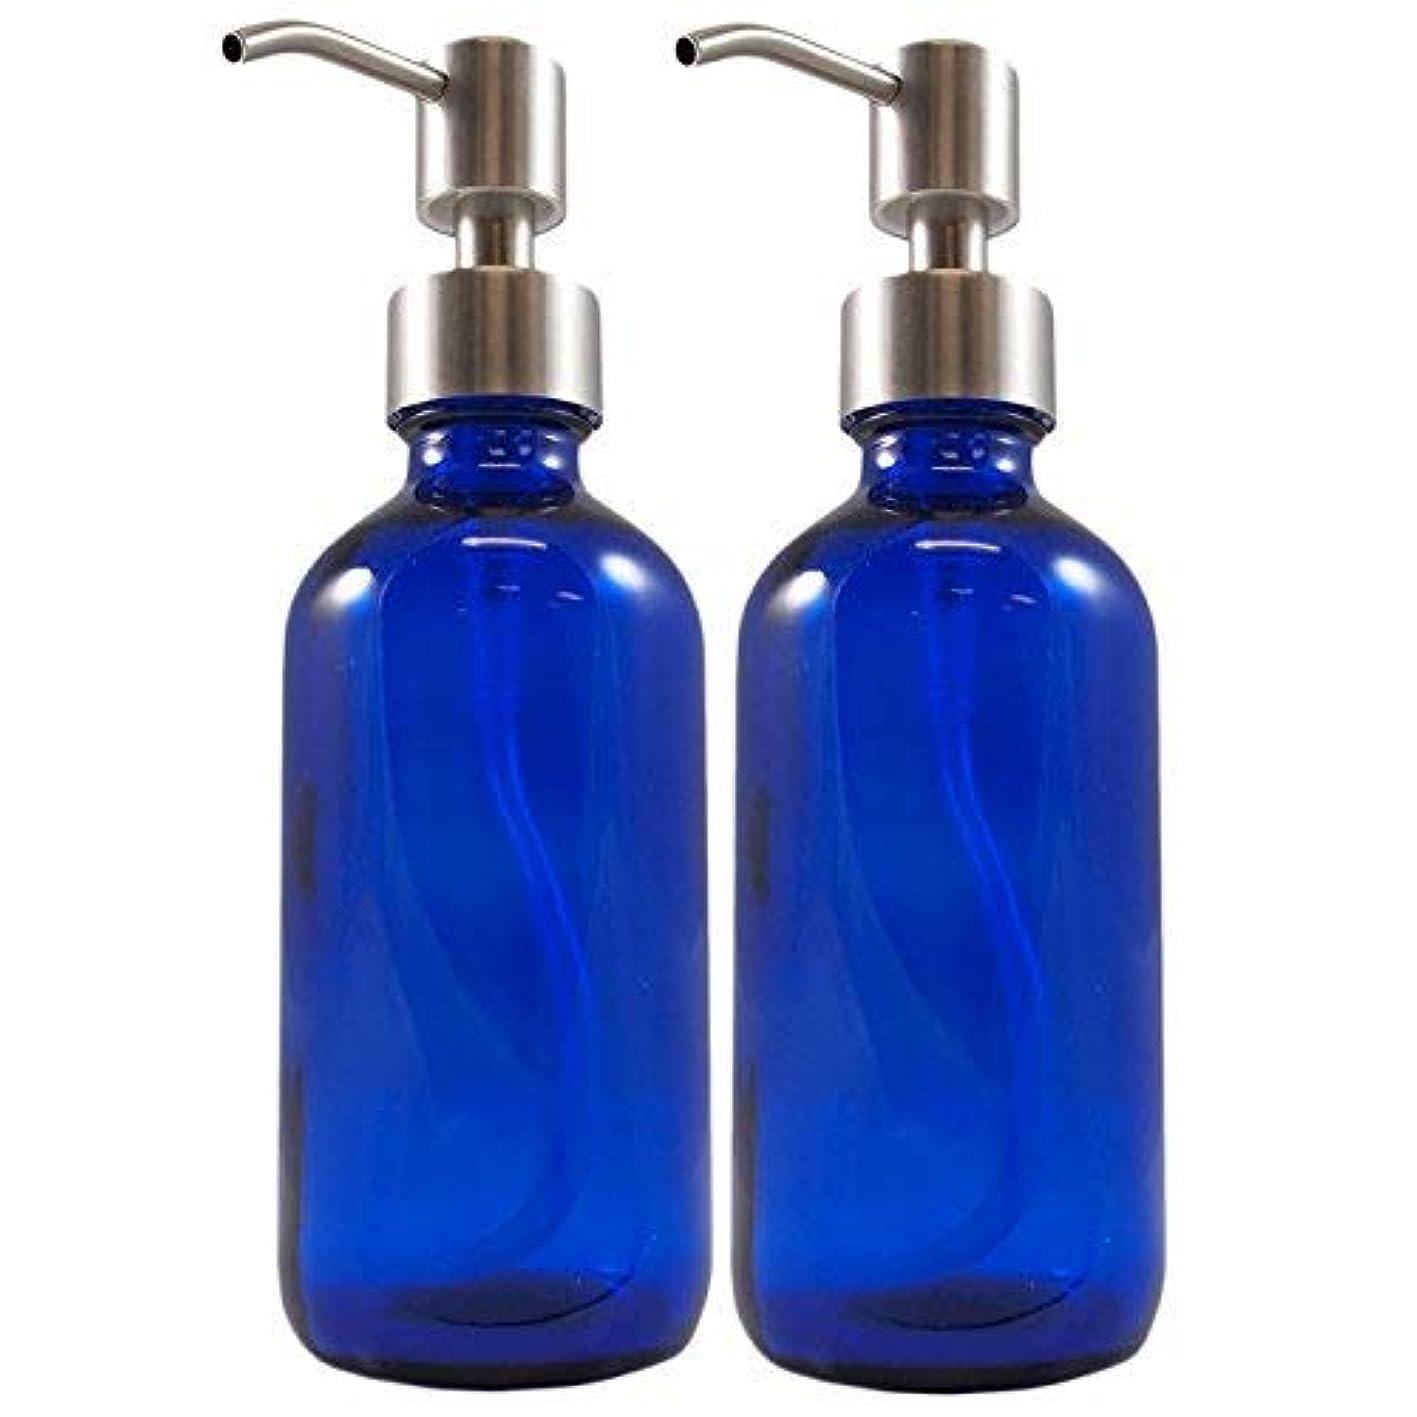 学習未知の会議Cornucopia Brands Cobalt Blue Glass Boston Round Bottles with Stainless Steel Pumps, Great for Essential Oils,...